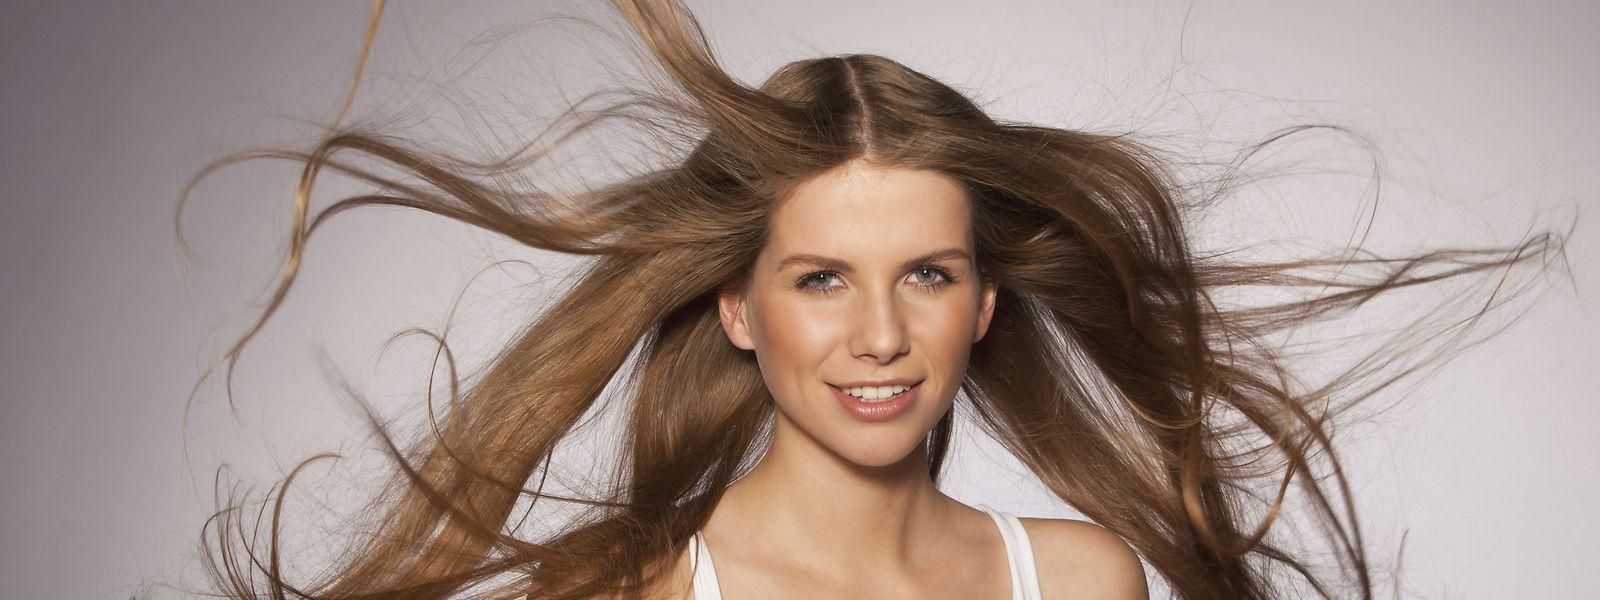 Vor allem wer langes Haar hat, braucht die richtige Pflege. Meist besteht sie aus Shampoo, einer Pflegespülung oder gar einer Haarkur.